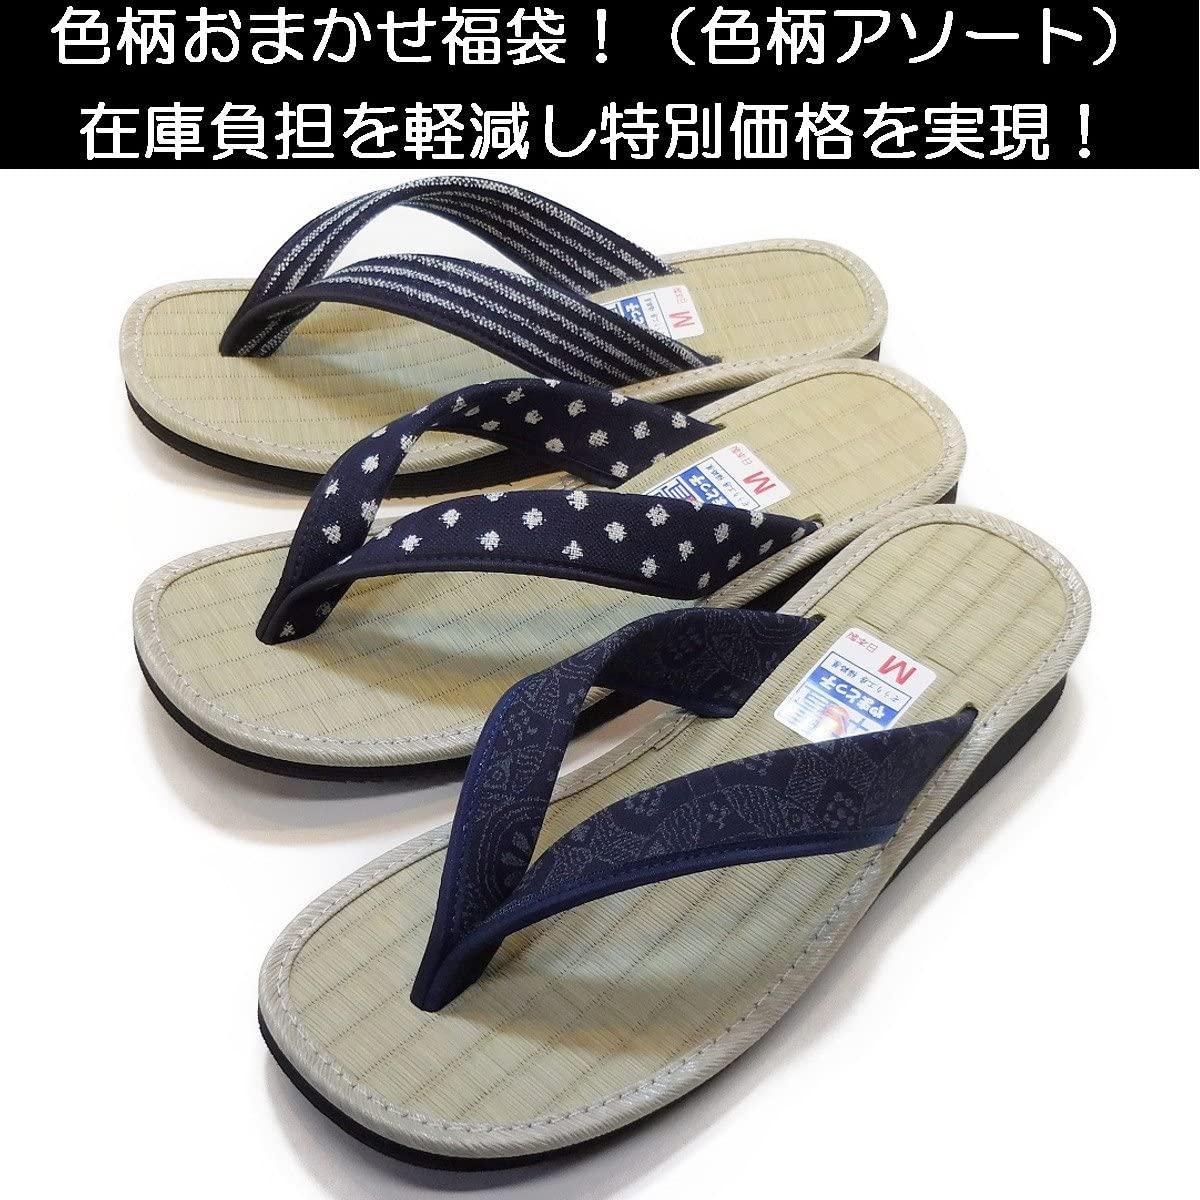 やまとっ子(ヤマトッコ)本畳ぞうり 男性用の商品画像3